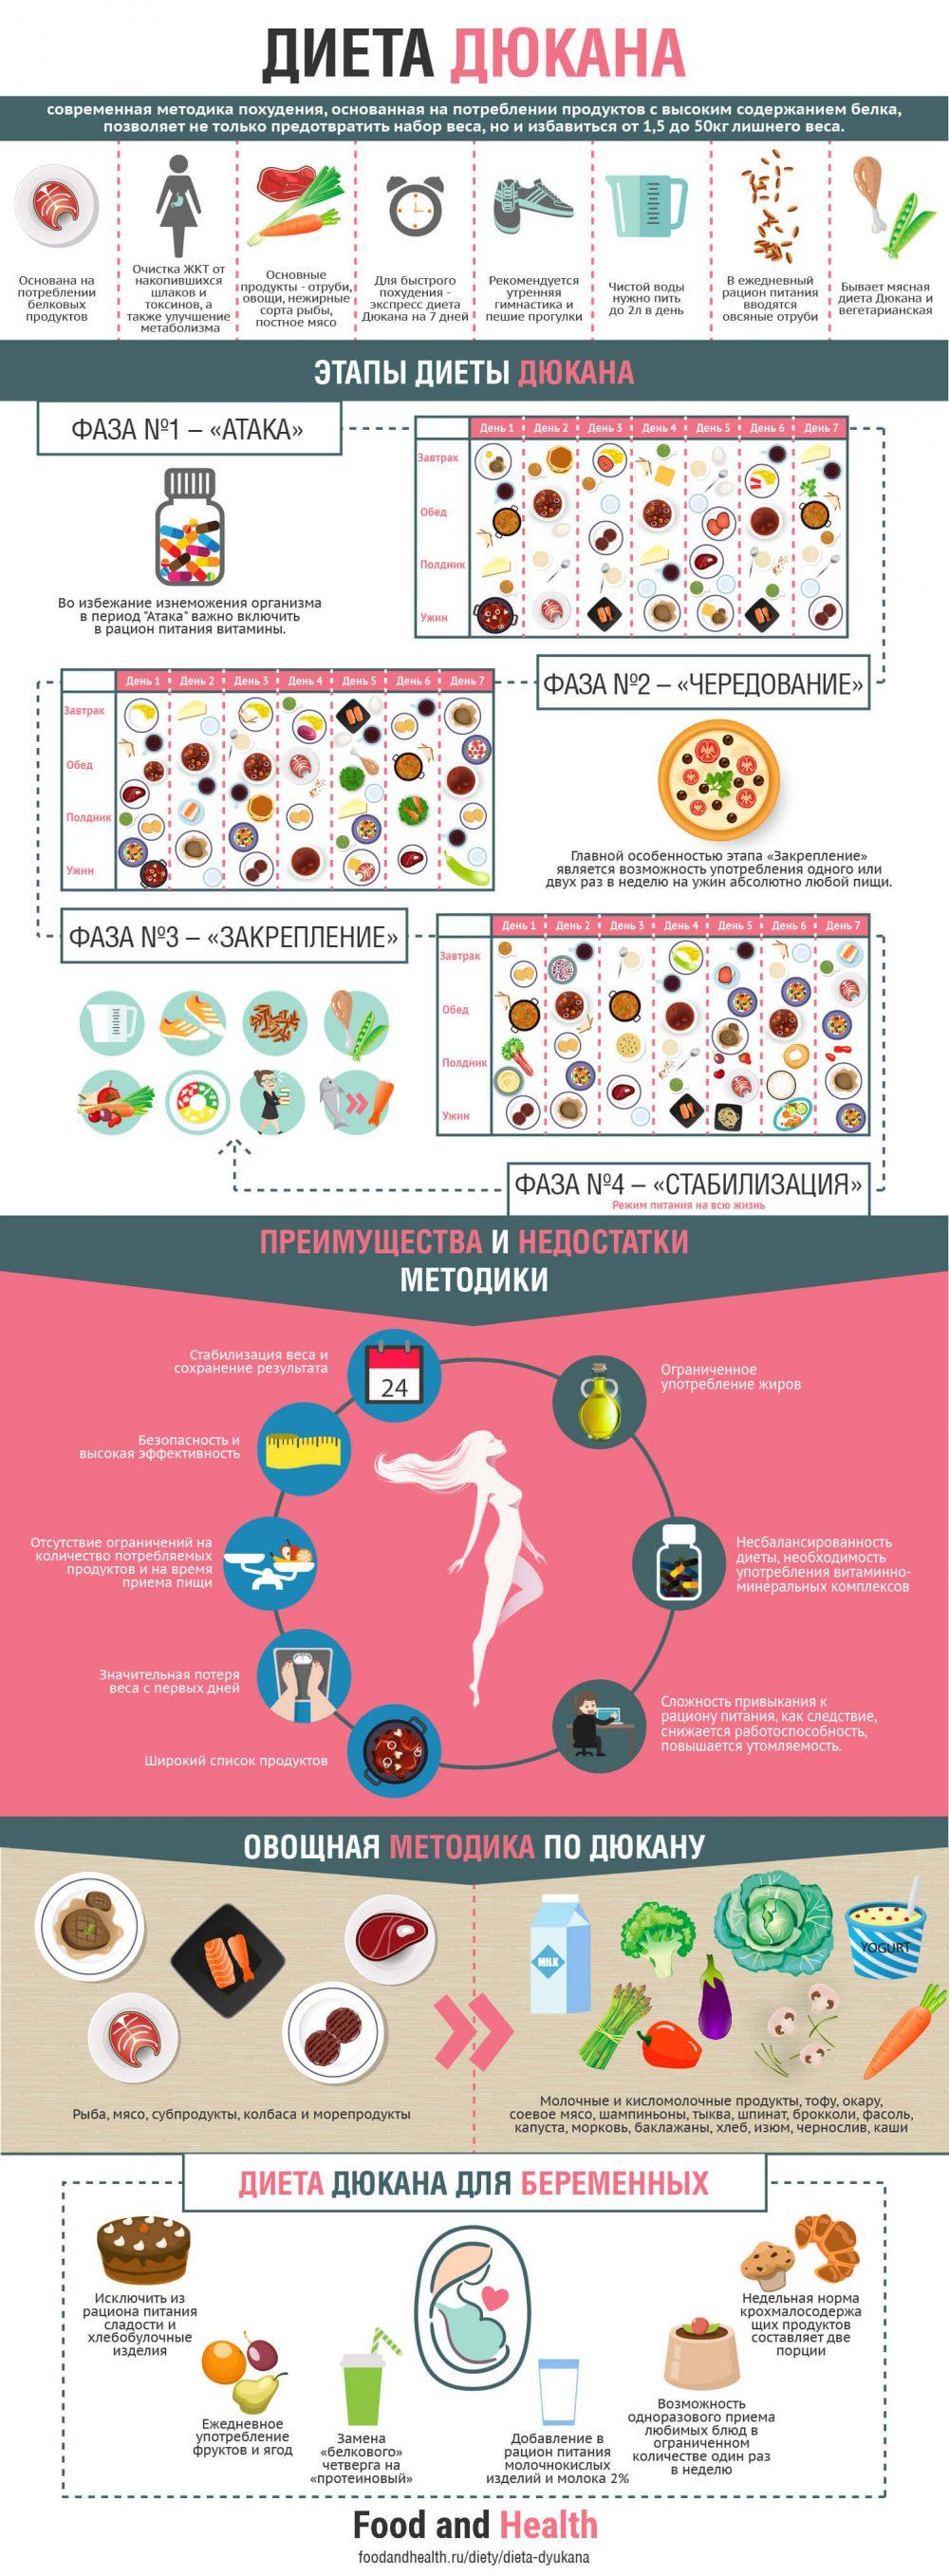 Диета Дюкана - инфографика